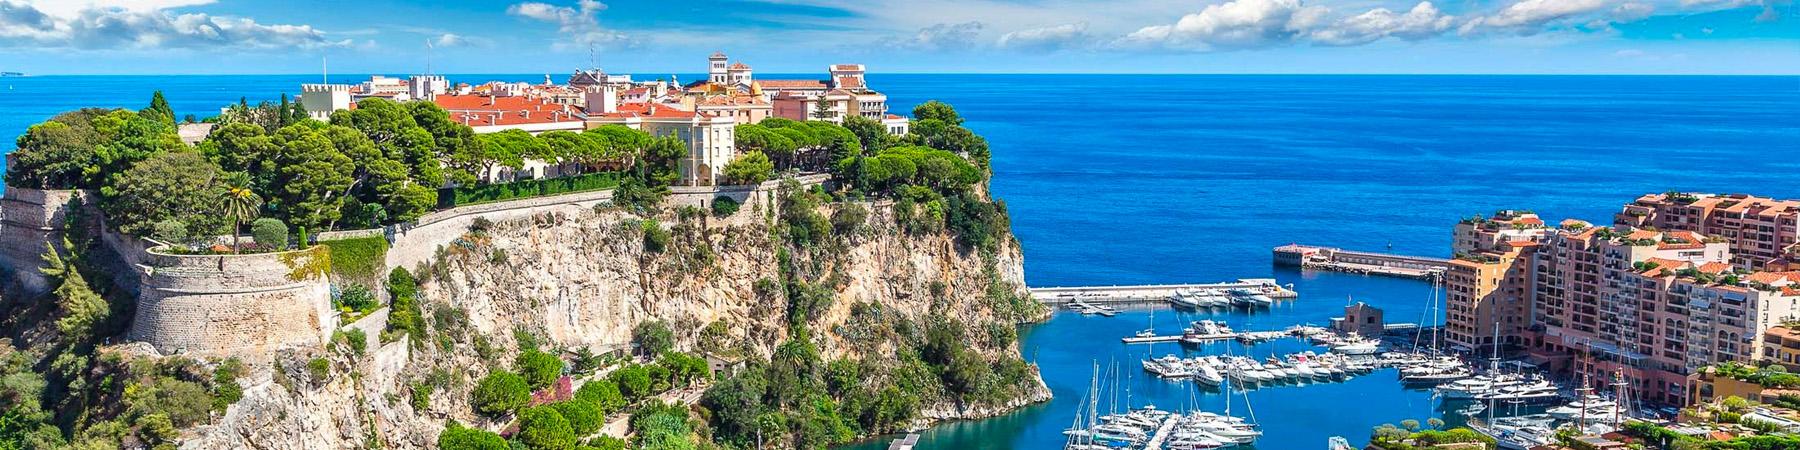 RanskaRanskan Riviera, Provence,Normandia,Pariisi, Disneyland®Paris